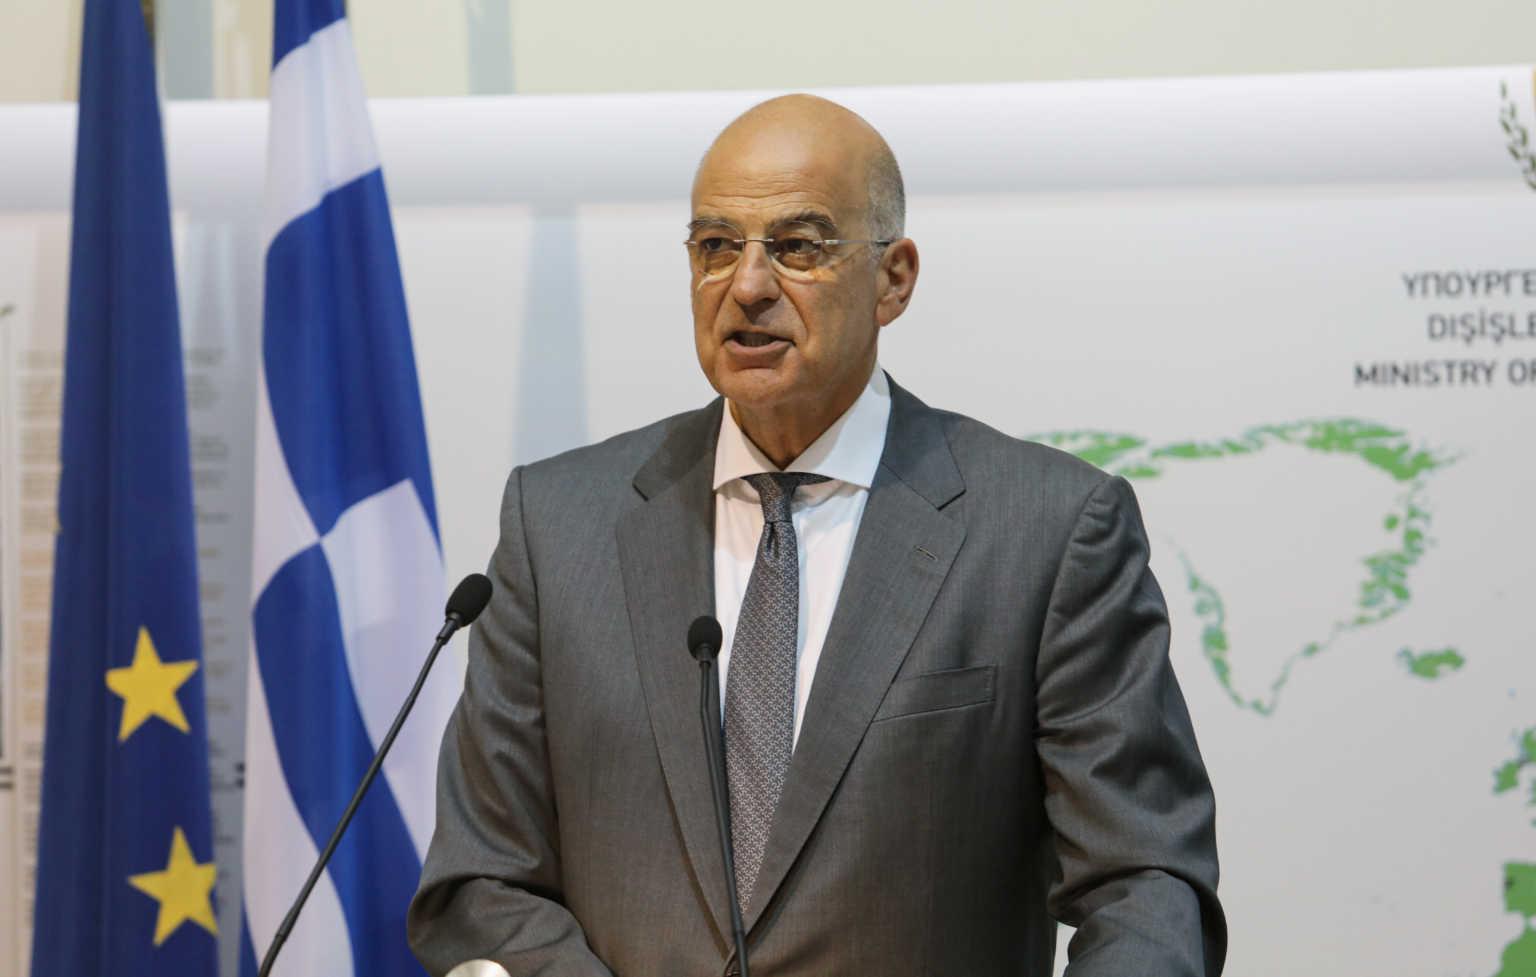 Δένδιας: Η Ελλάδα δεν διαπραγματεύεται με την Τουρκία – Παρέδωσα επιστολή του πρωθυπουργού στον γ.γ. του ΟΗΕ